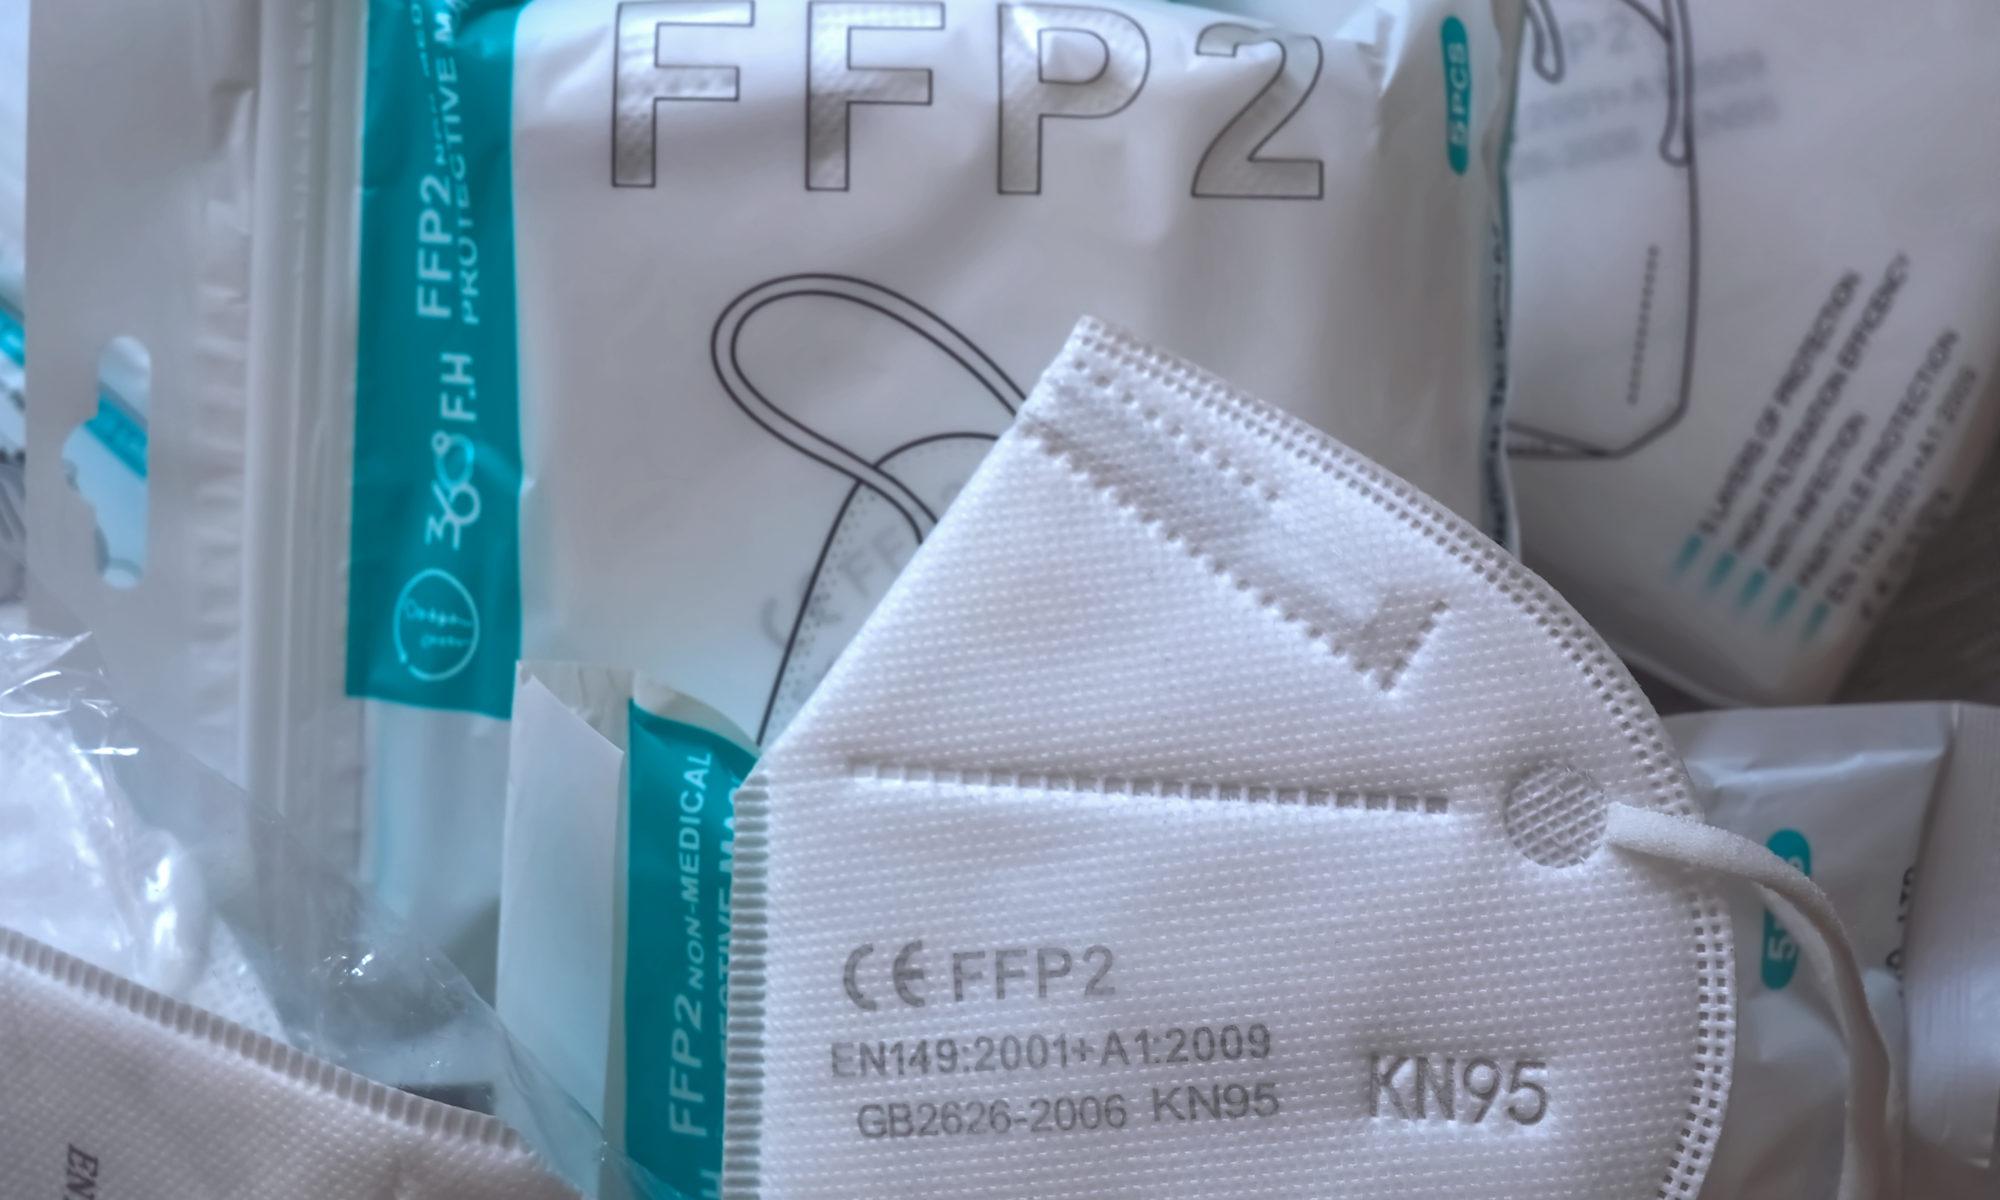 AdobeStock 396522813 Editorial Use Only 2000x1200 - Unsicherheit: Sozialgericht Dresden urteilte gegen Hartz IV-Mehrbedarf durch FFP2-Masken